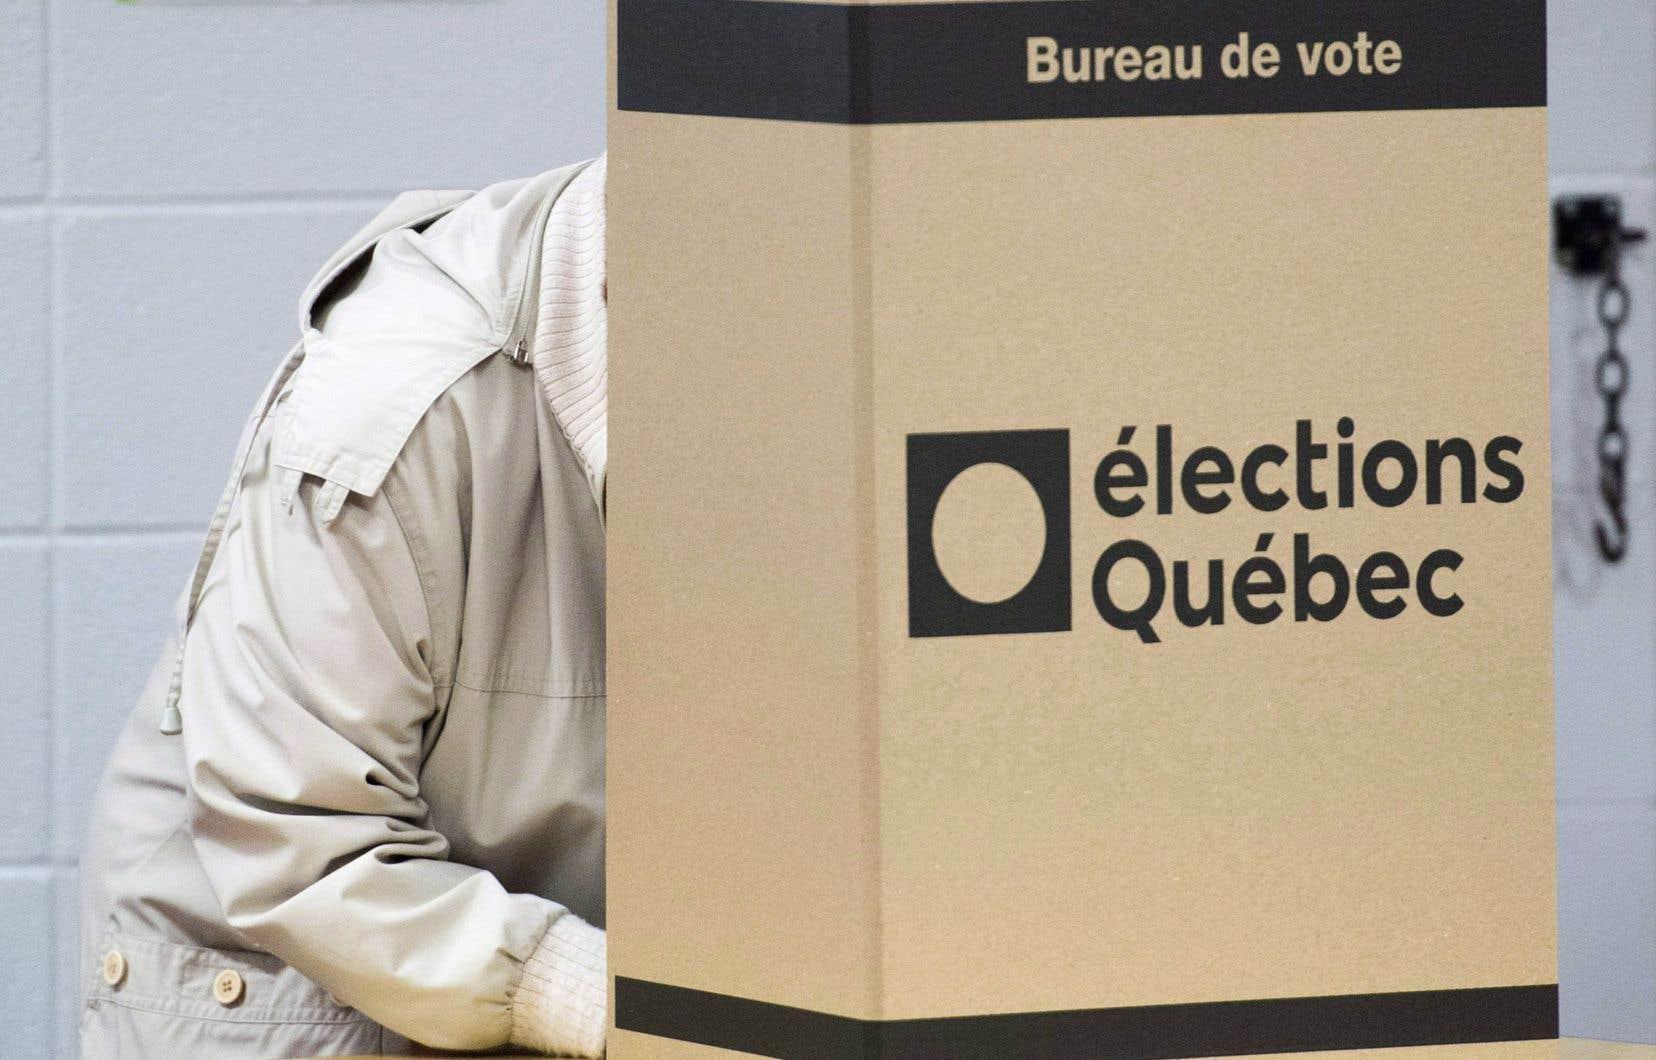 «La réforme du mode de scrutin va permettre à chaque Québécoise et Québécois de se reconnaître dans la classe politique et de voir ses idées et ses aspirations représentées à l'Assemblée nationale», estiment les auteurs.